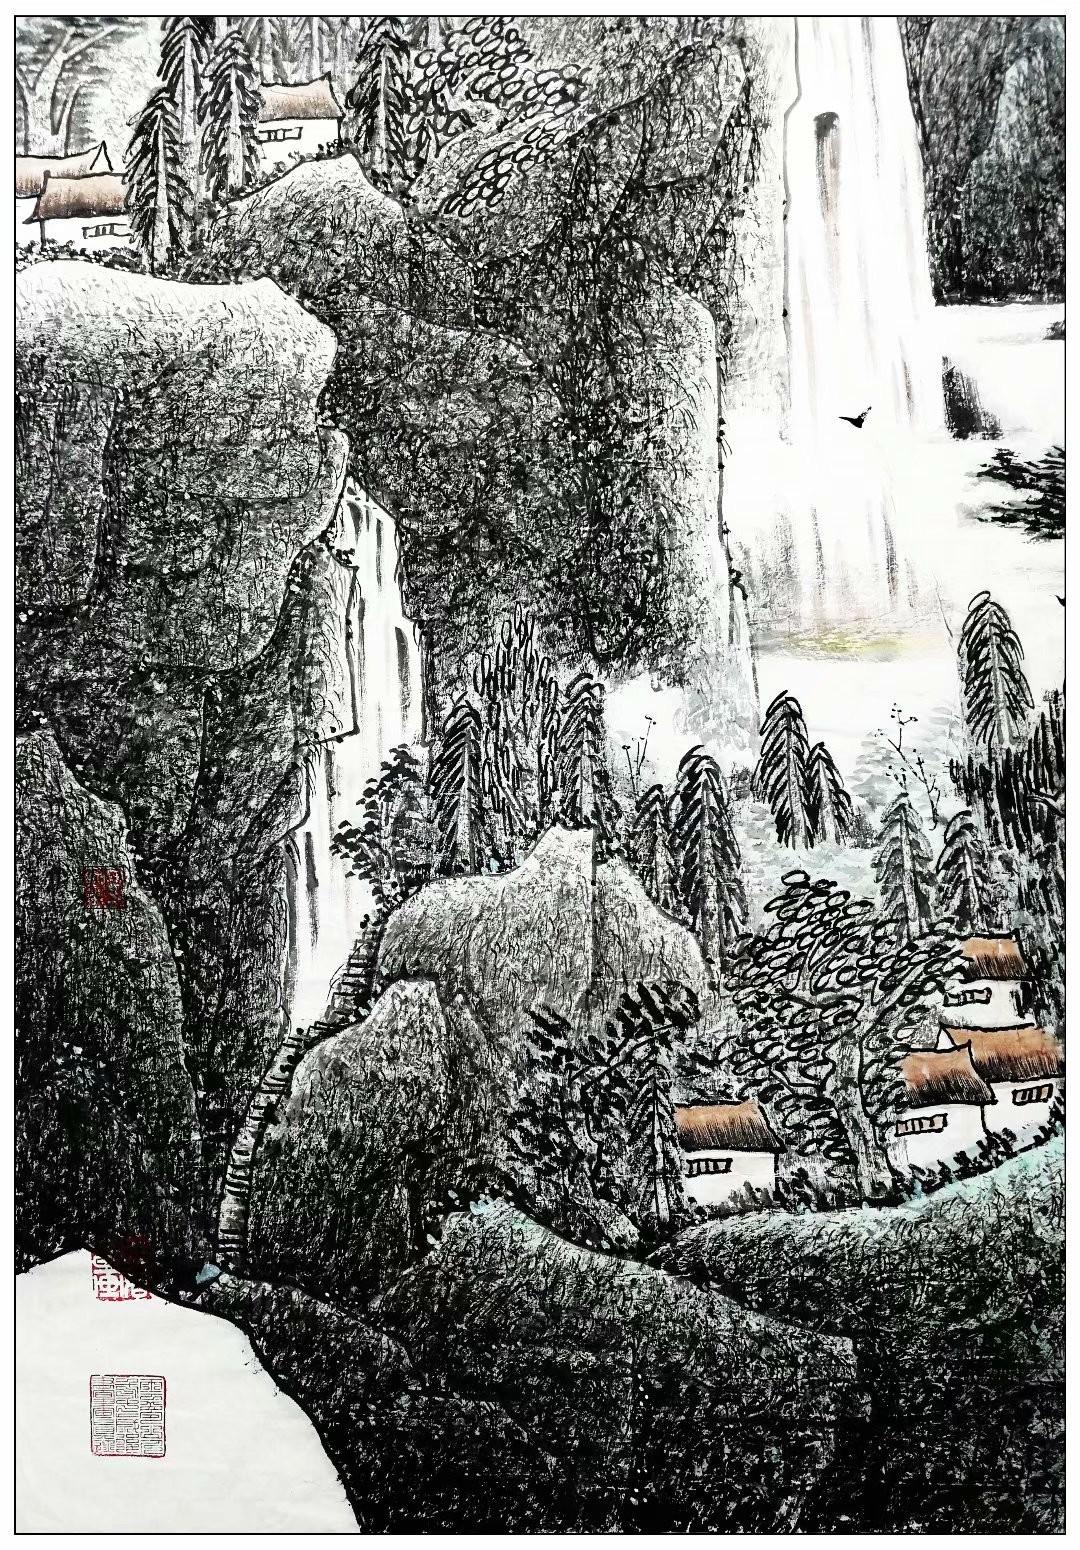 庆祝中国共产党成立100周年---牛志高山水画【220CMX150CM】2021.03.31 ..._图1-2